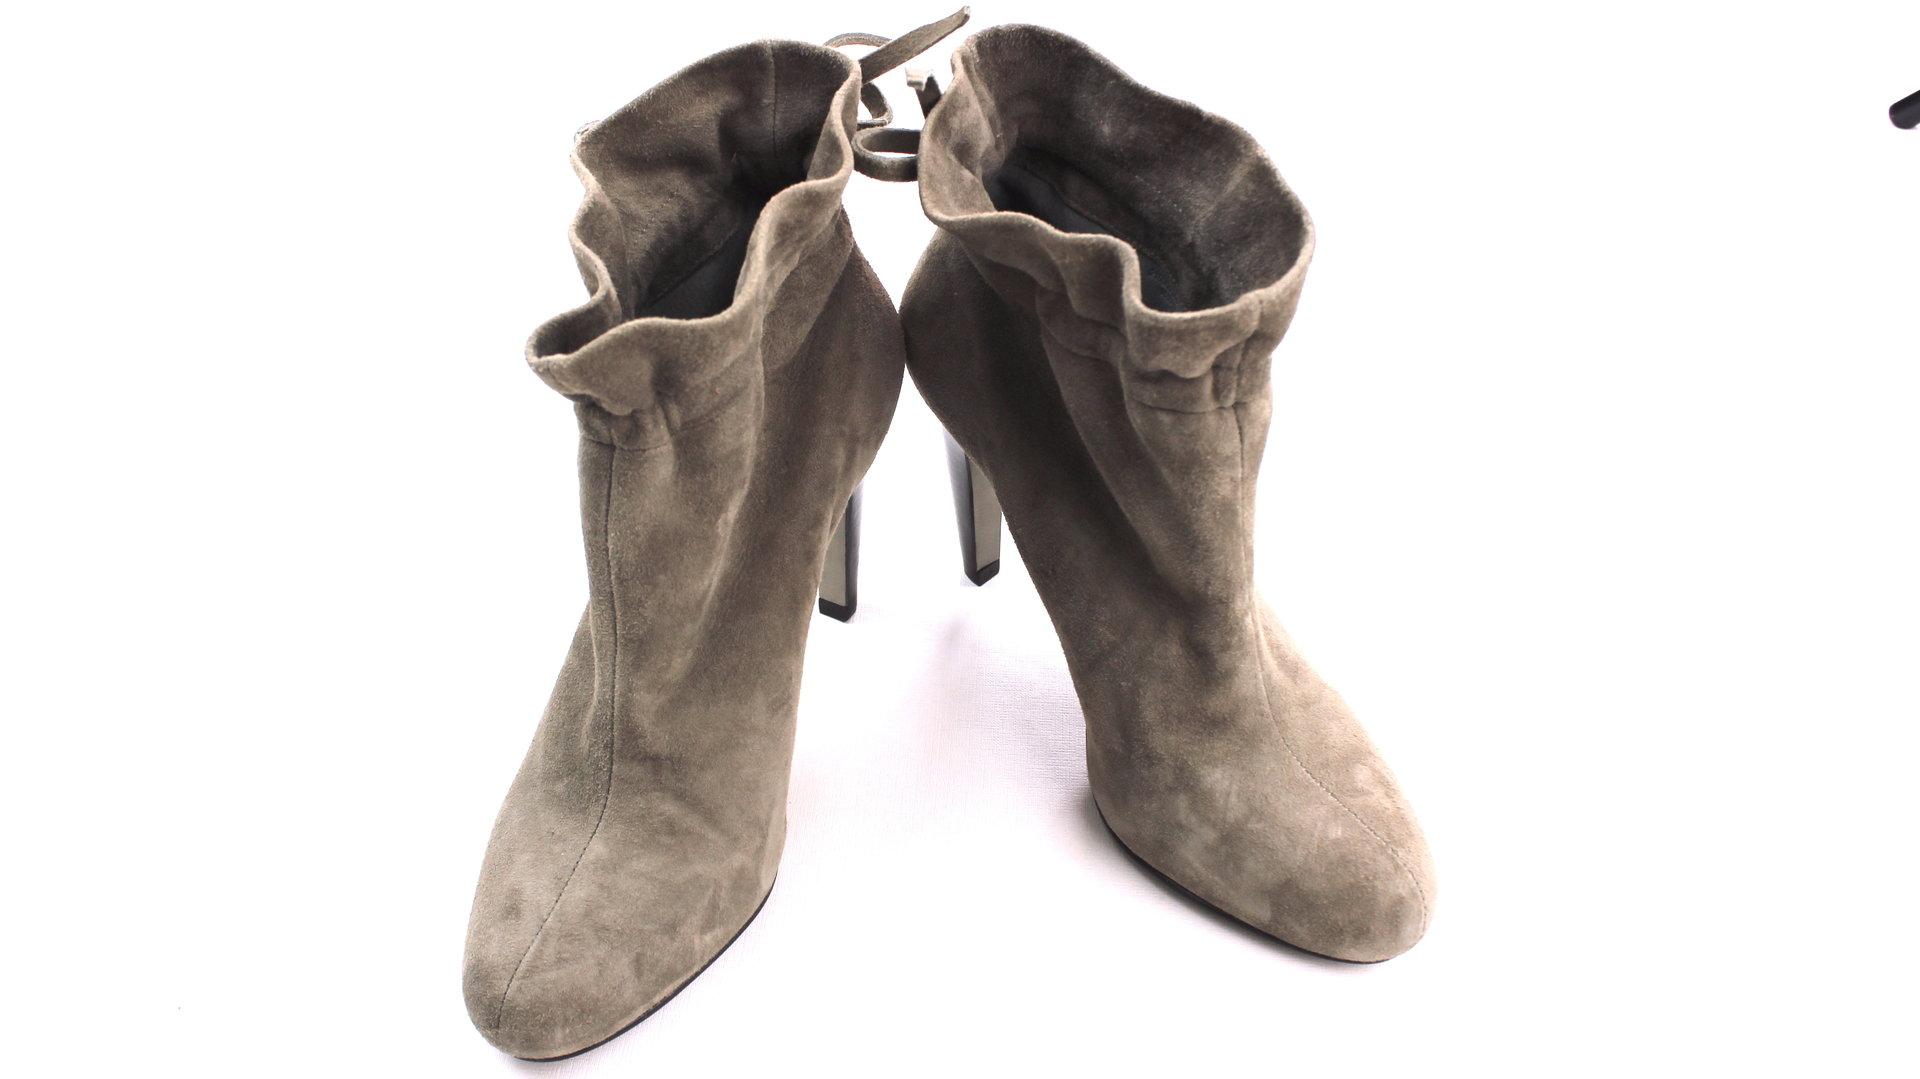 Stiefeletten Boots Beige Stilettos Zara Ankle Wildleder zVpMqSUG